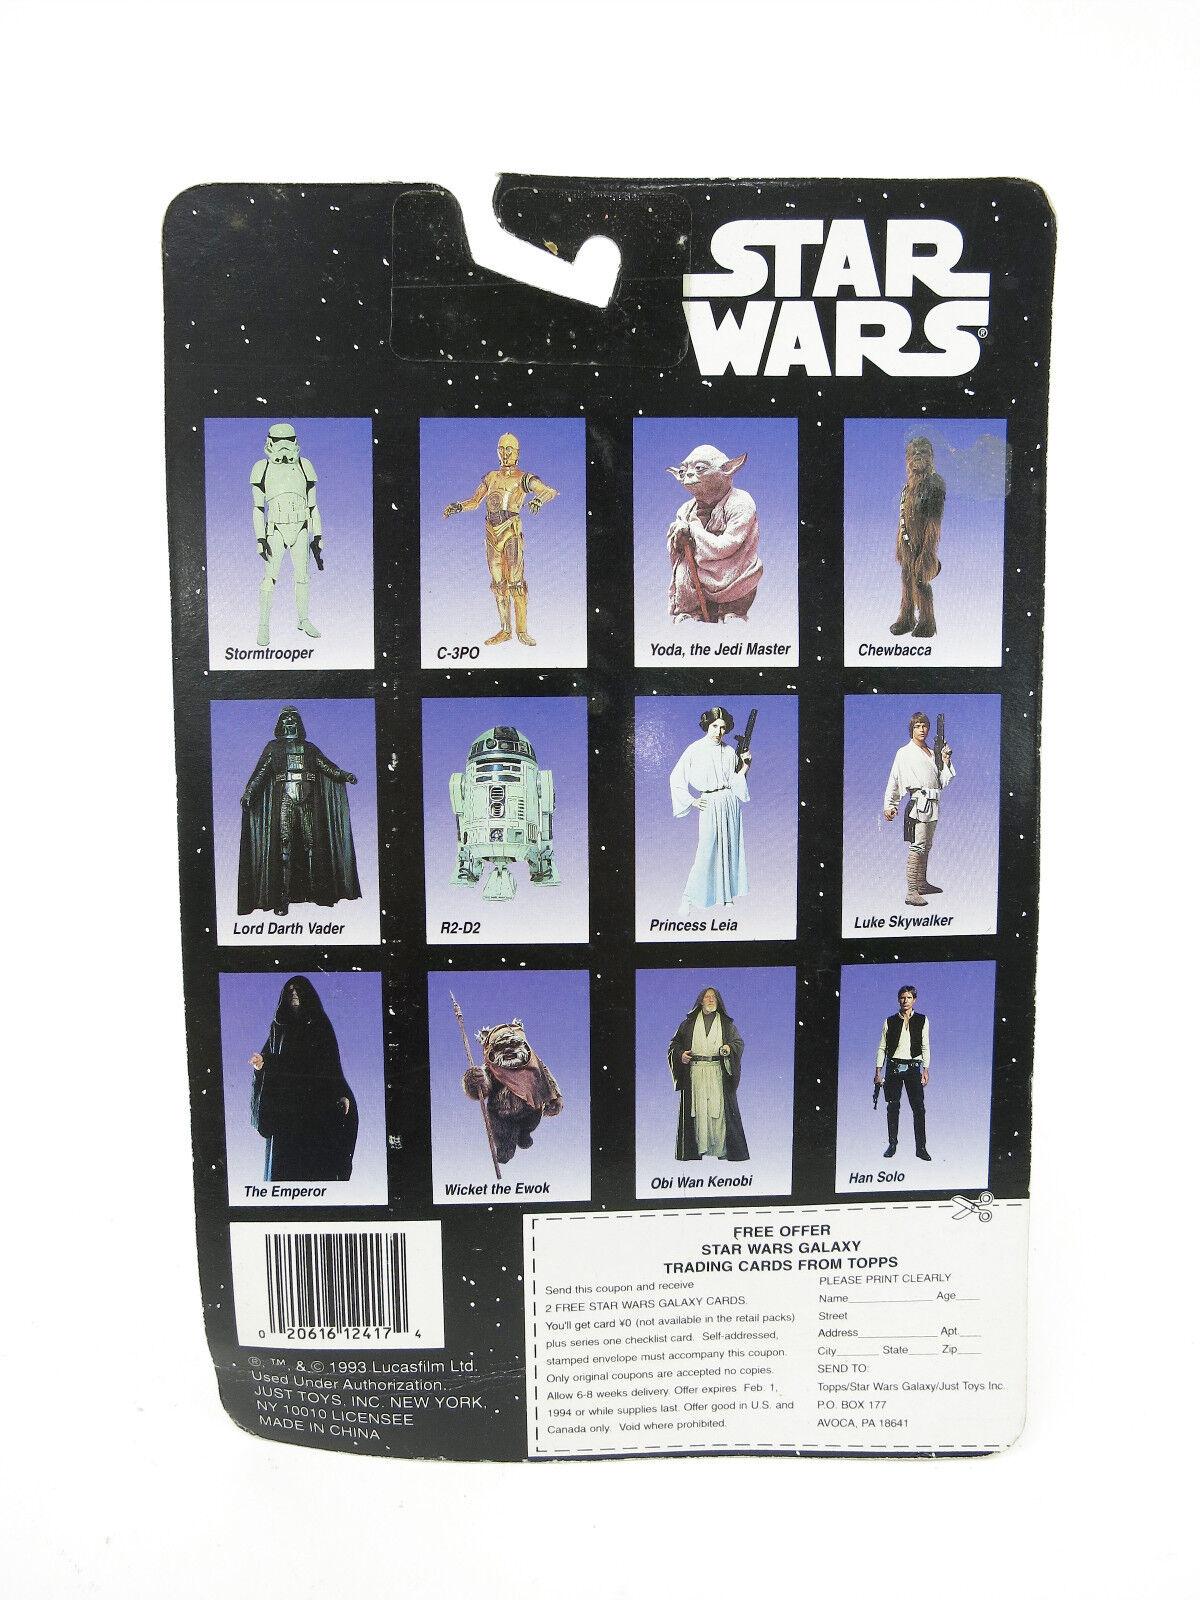 1993 VINTAGE VINTAGE VINTAGE STAR WARDS BENDEMS LUKE SKYWALKER FIGURE NOS W  TOPPS CARD LIMITED c5ea24